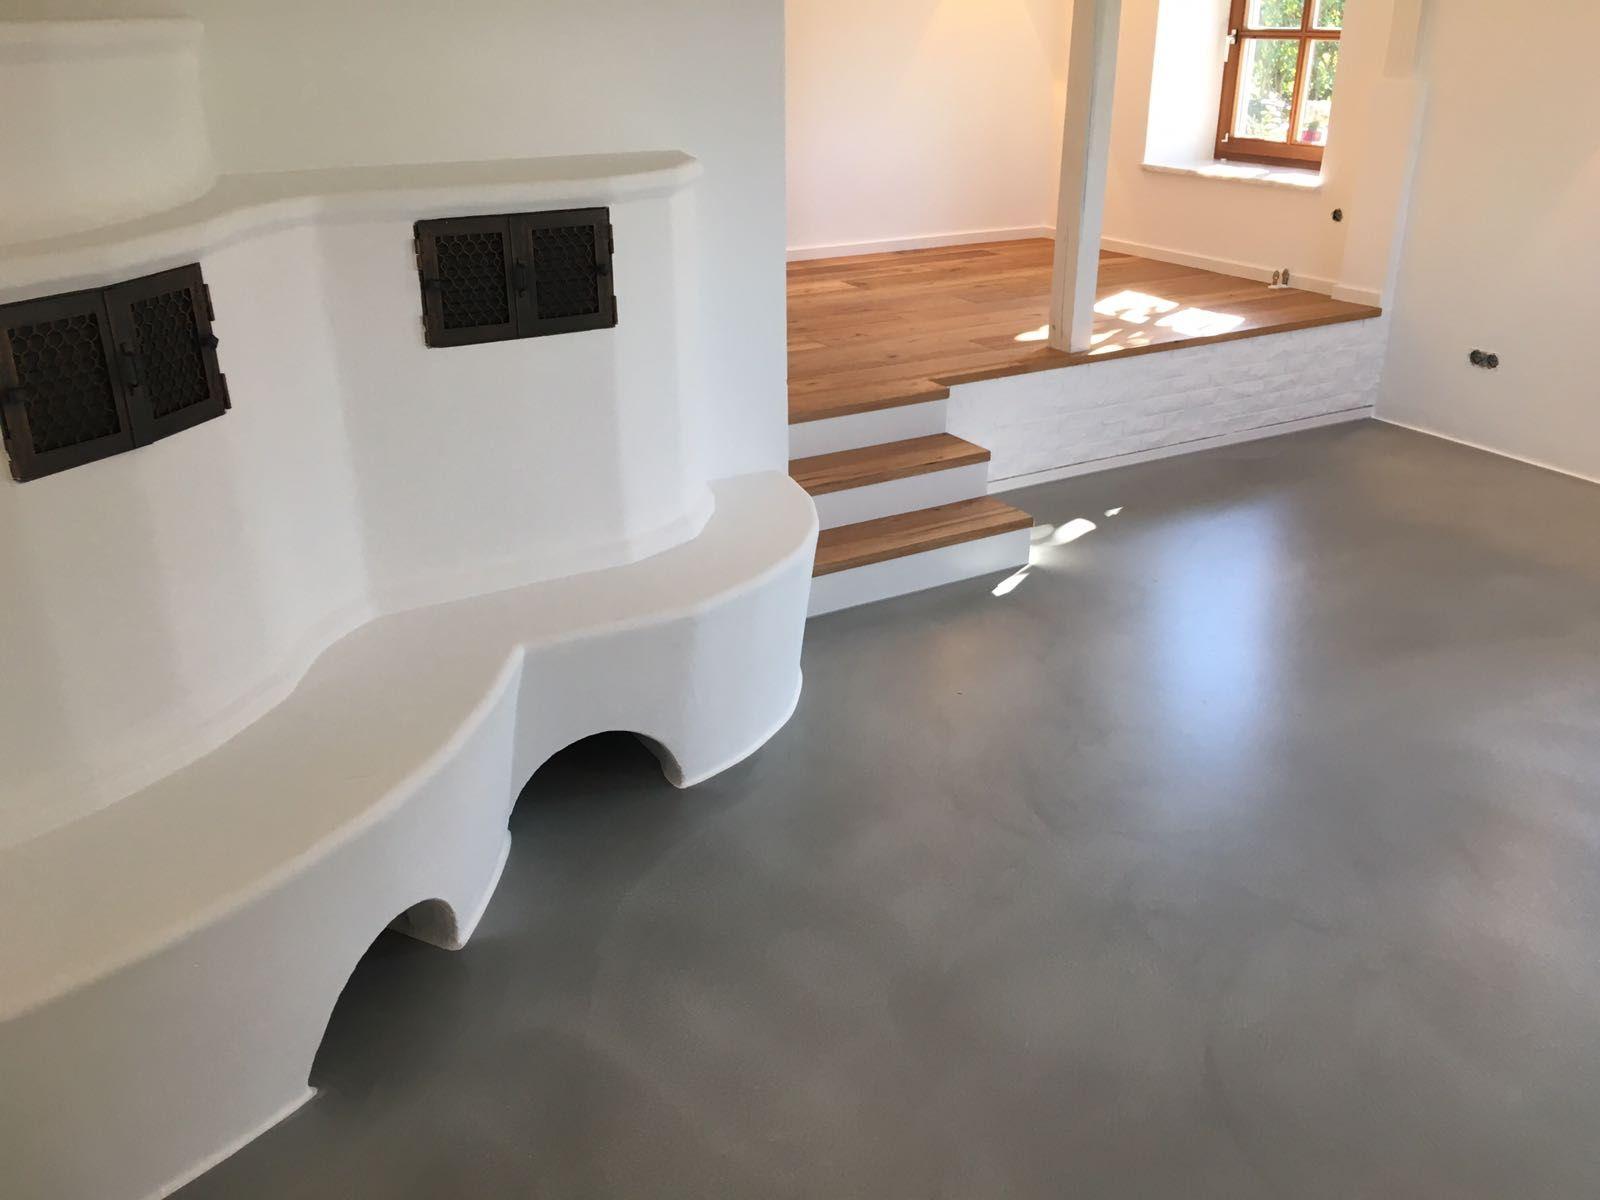 beton treppe eiche eiche ge lt bodenbeschichtung d w holz renovierung leisten wei. Black Bedroom Furniture Sets. Home Design Ideas